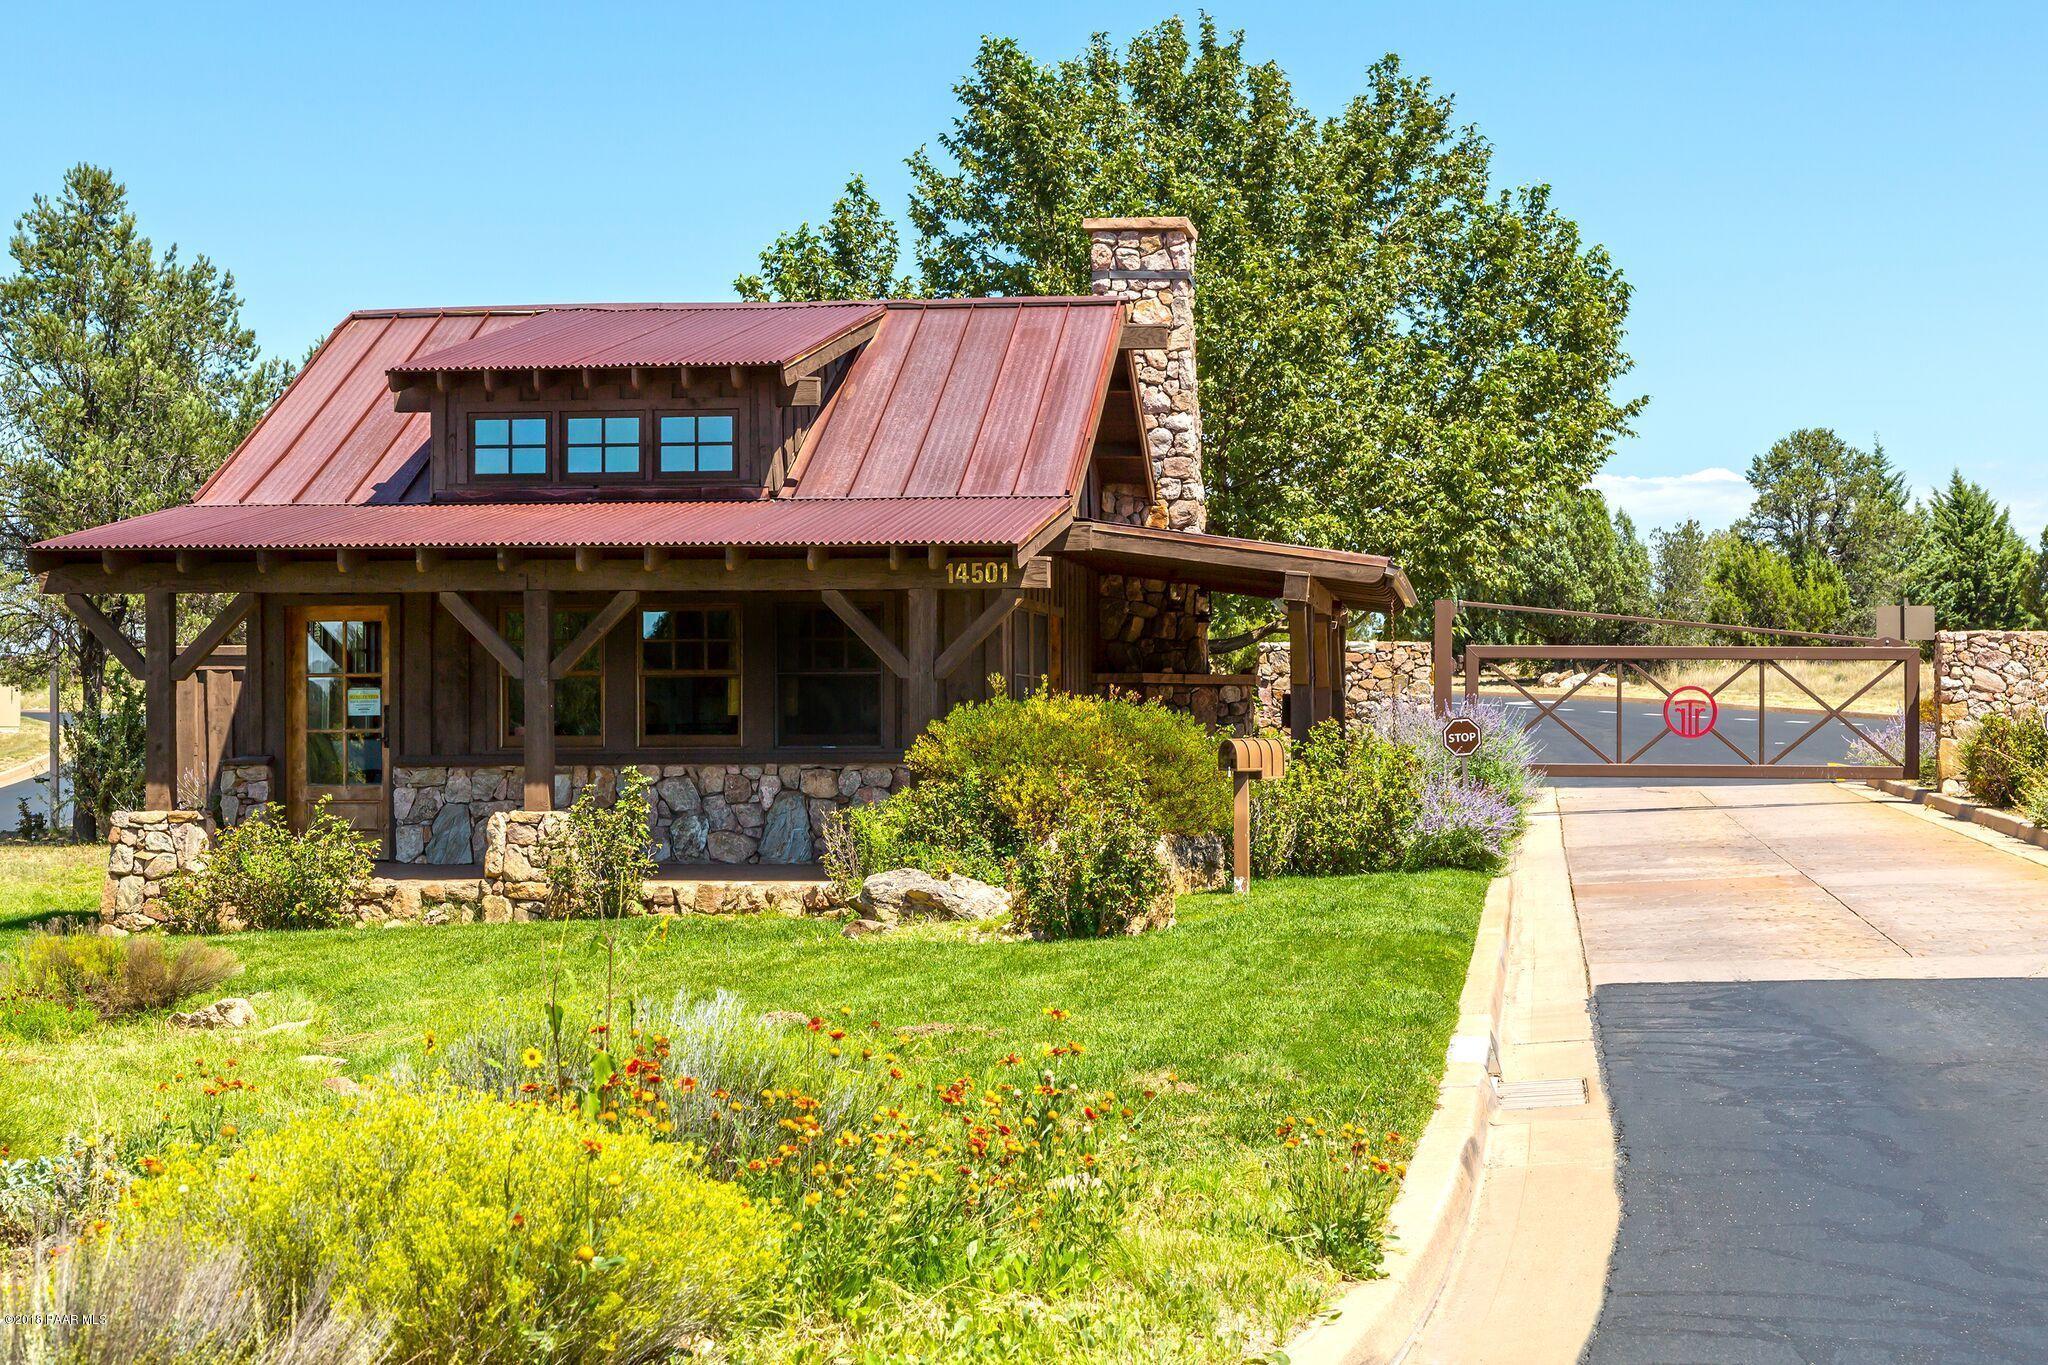 5555 W Goliath Drive Prescott, AZ 86305 - MLS #: 1011647